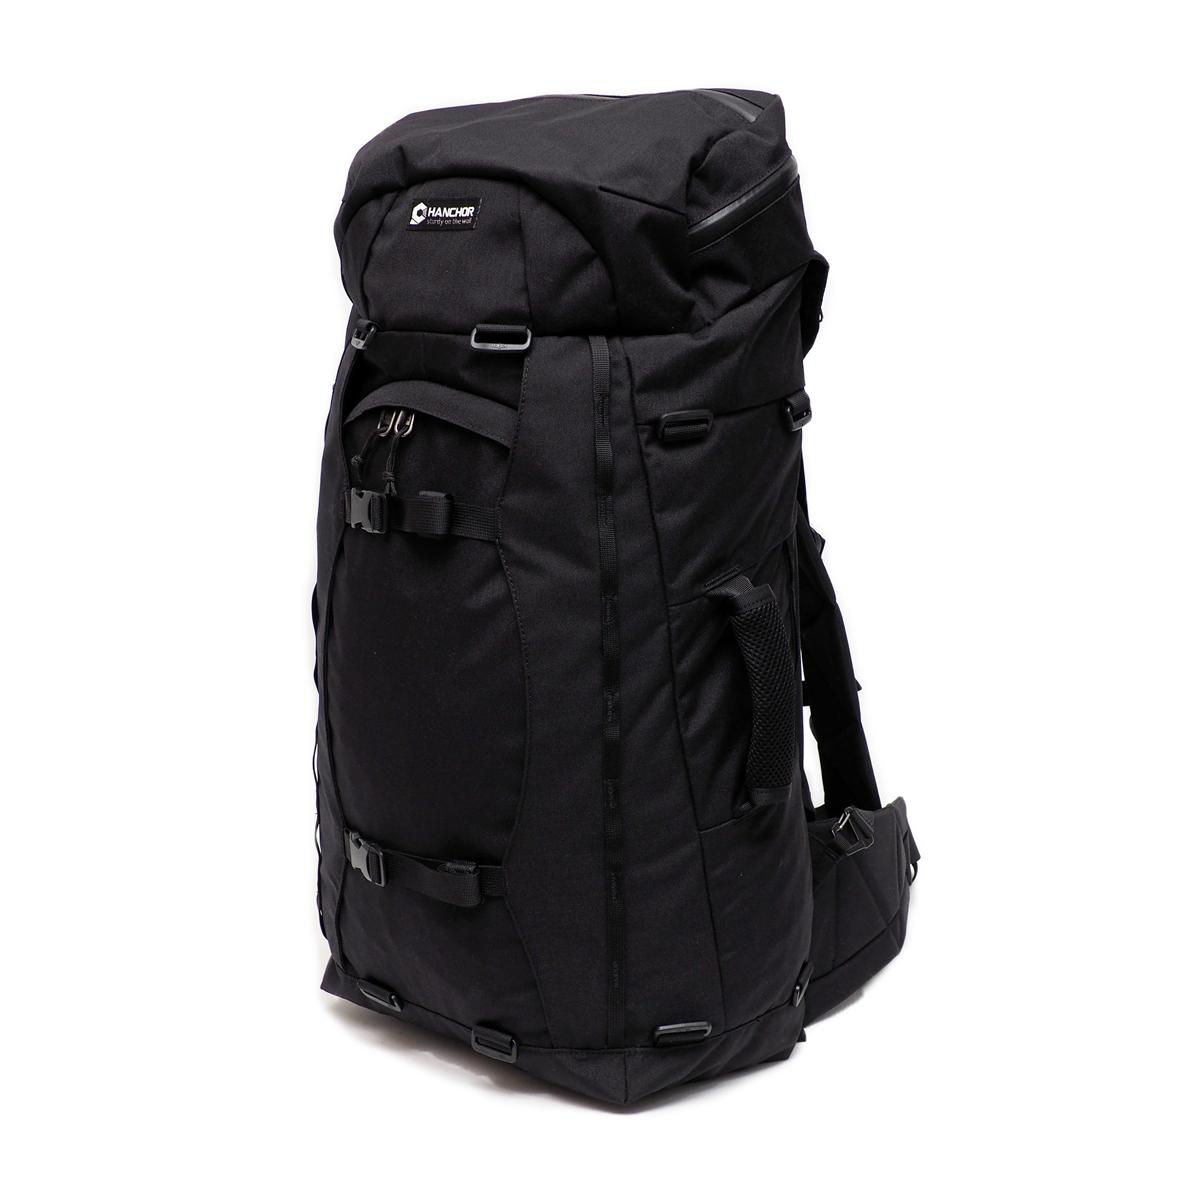 6e1440d8db HANCHOR Breccia Travel Backpack